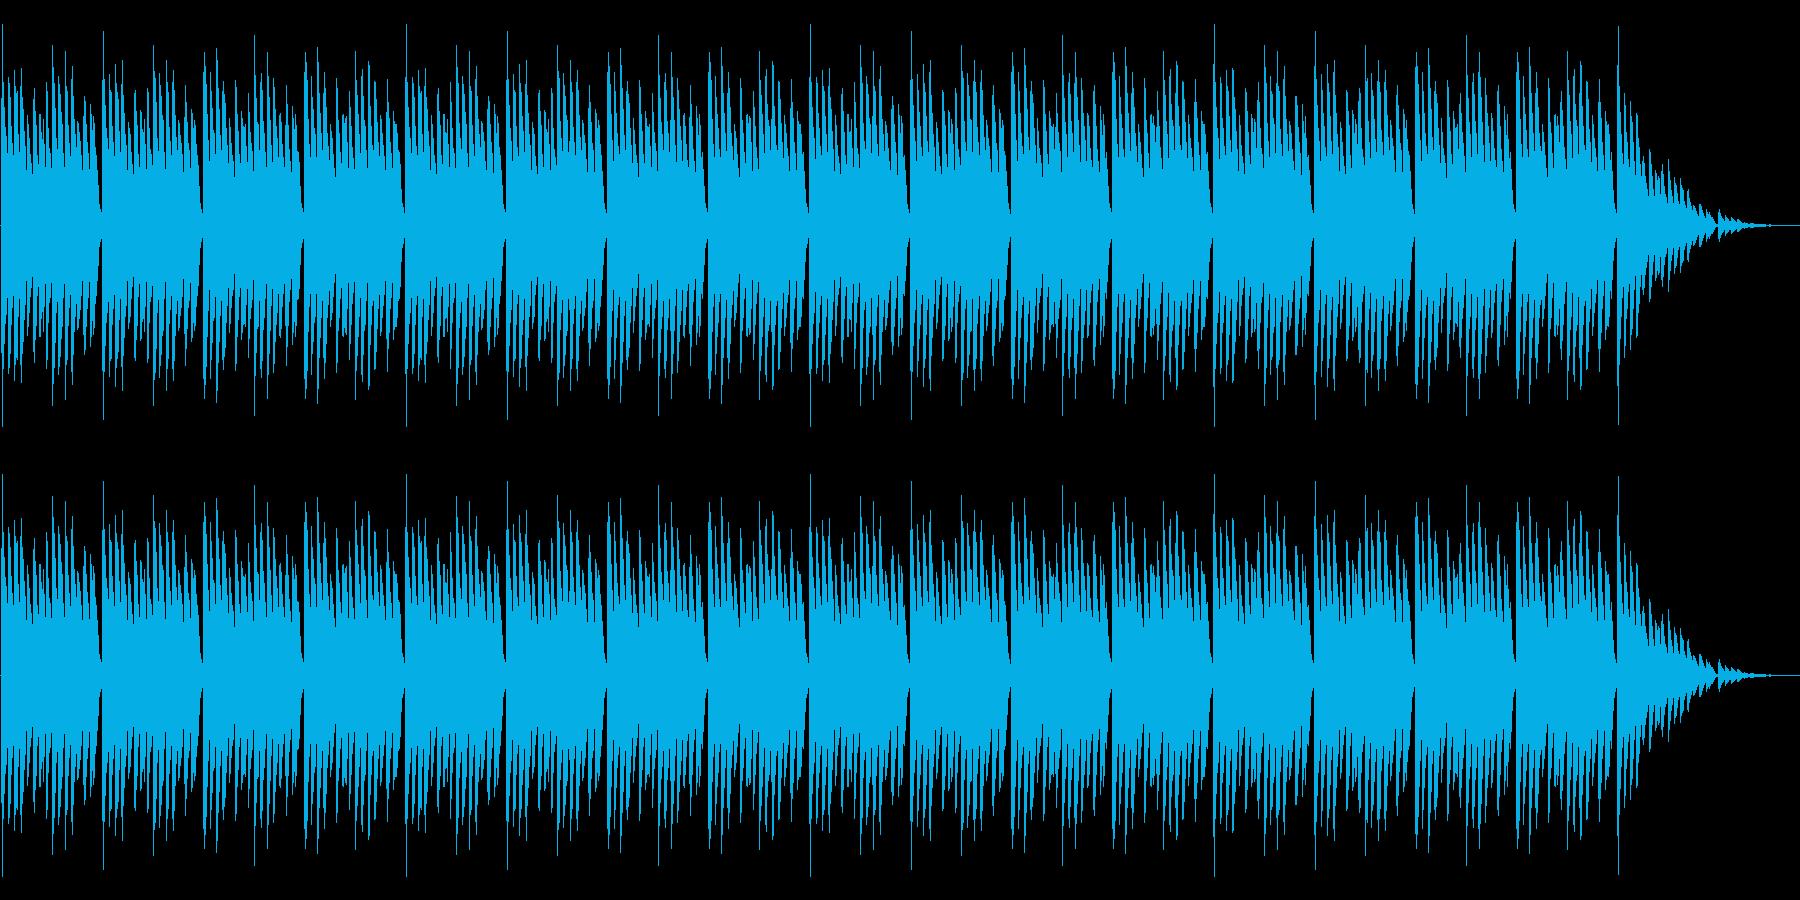 GB風RPGのダンジョン曲の再生済みの波形